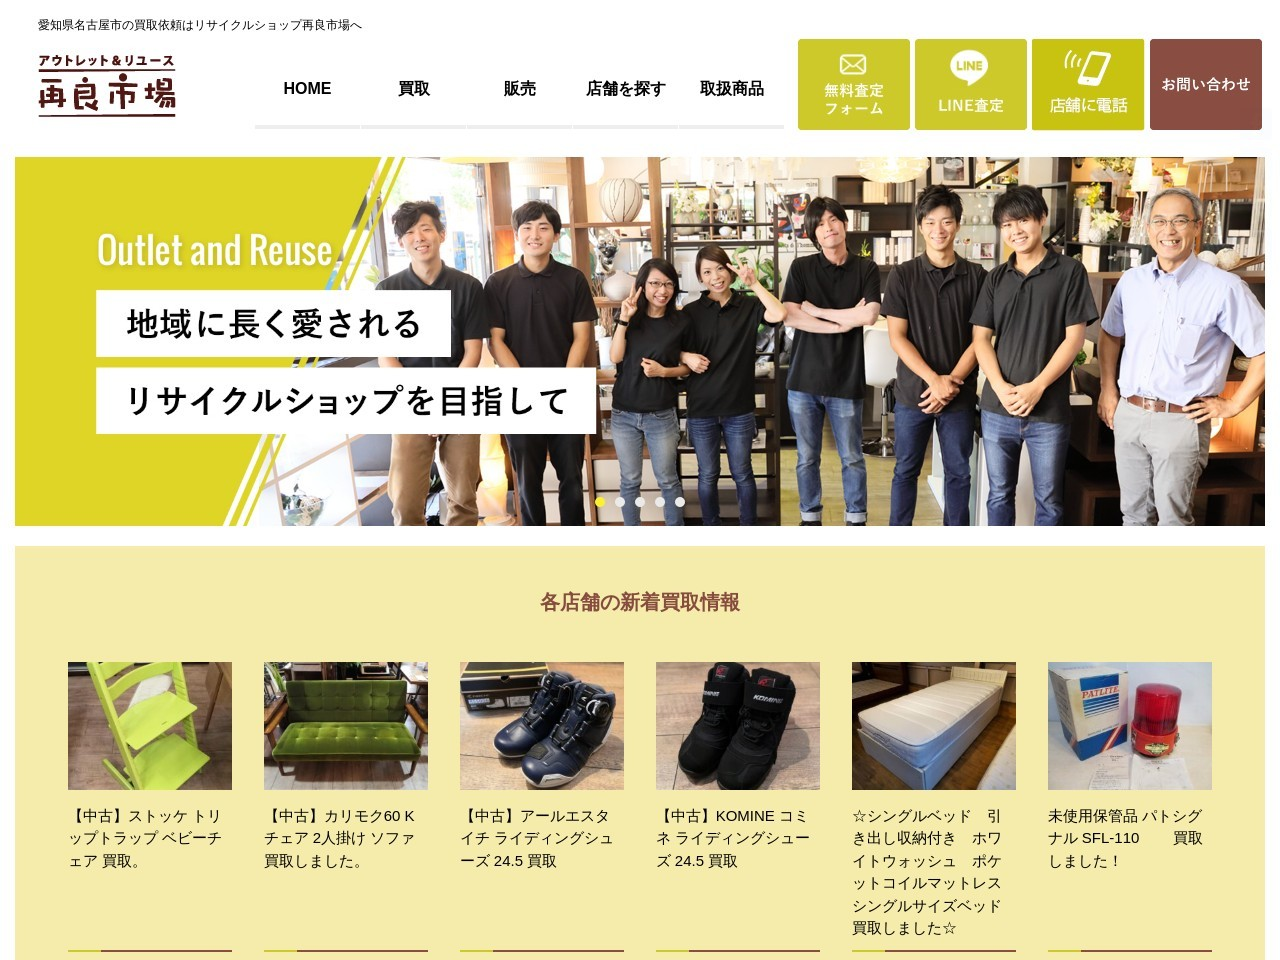 愛知県名古屋市のリサイクルショップ[再良市場]